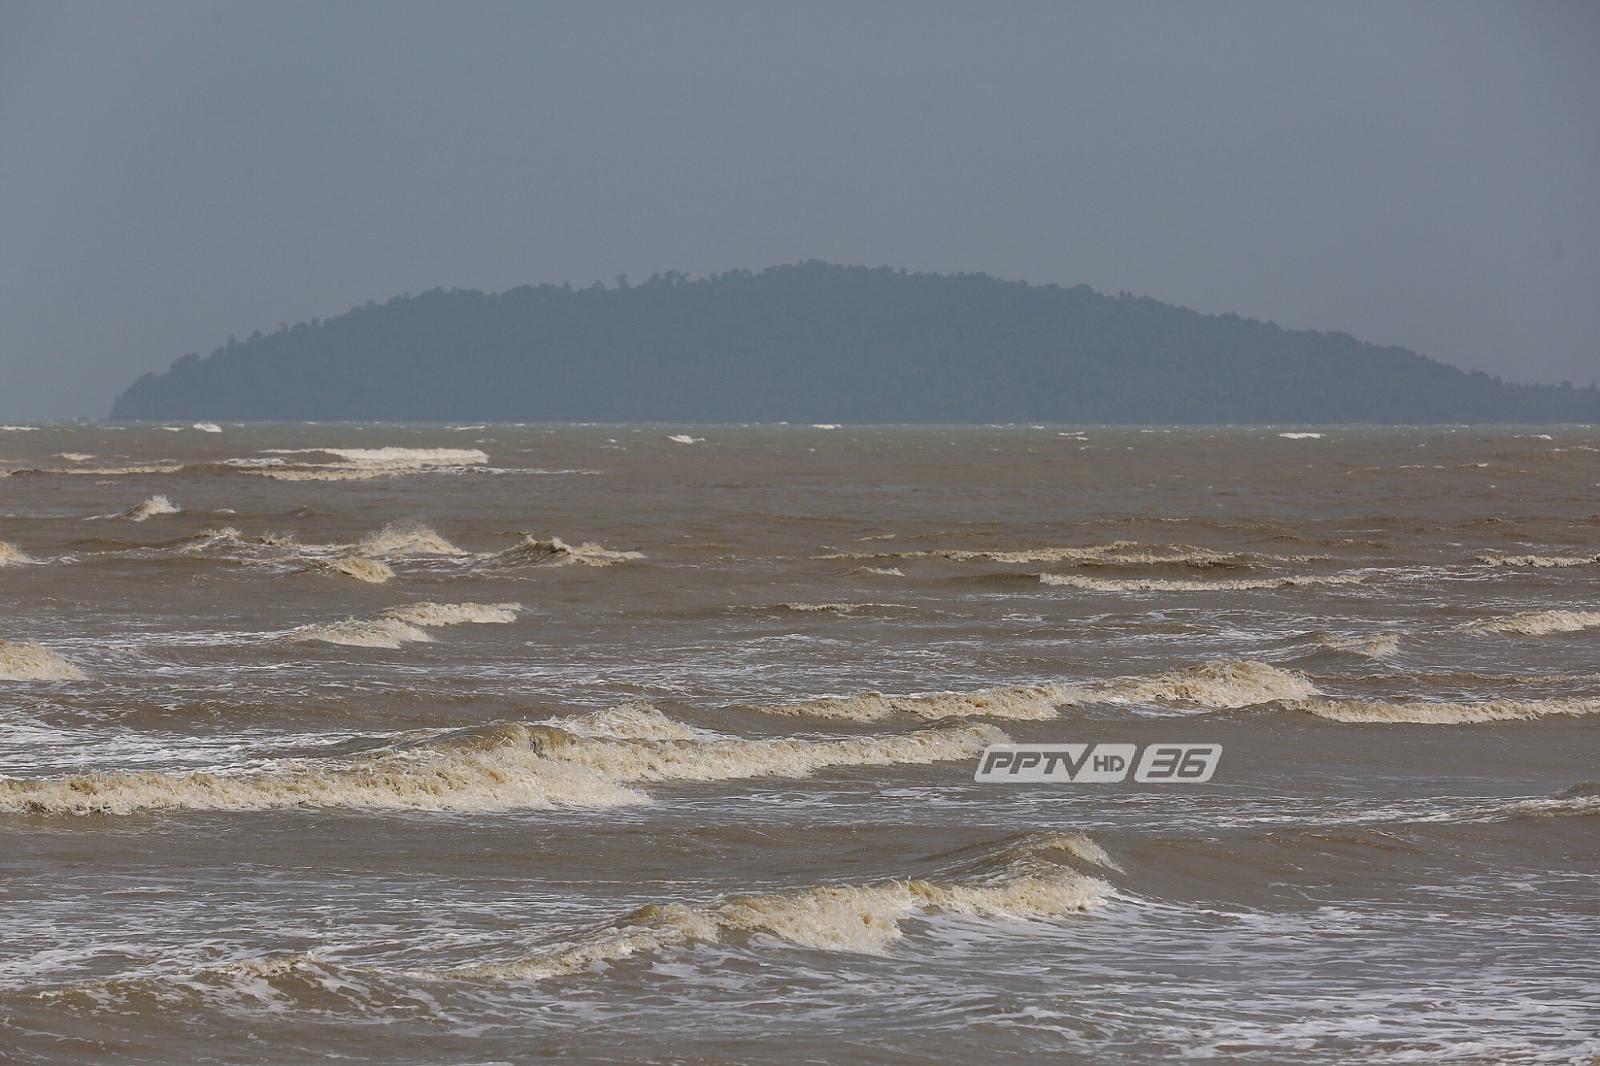 ภาคใต้ฝั่งตะวันออก เฝ้าระวังคลื่นลมในทะเล เตรียมรับมือพายุ